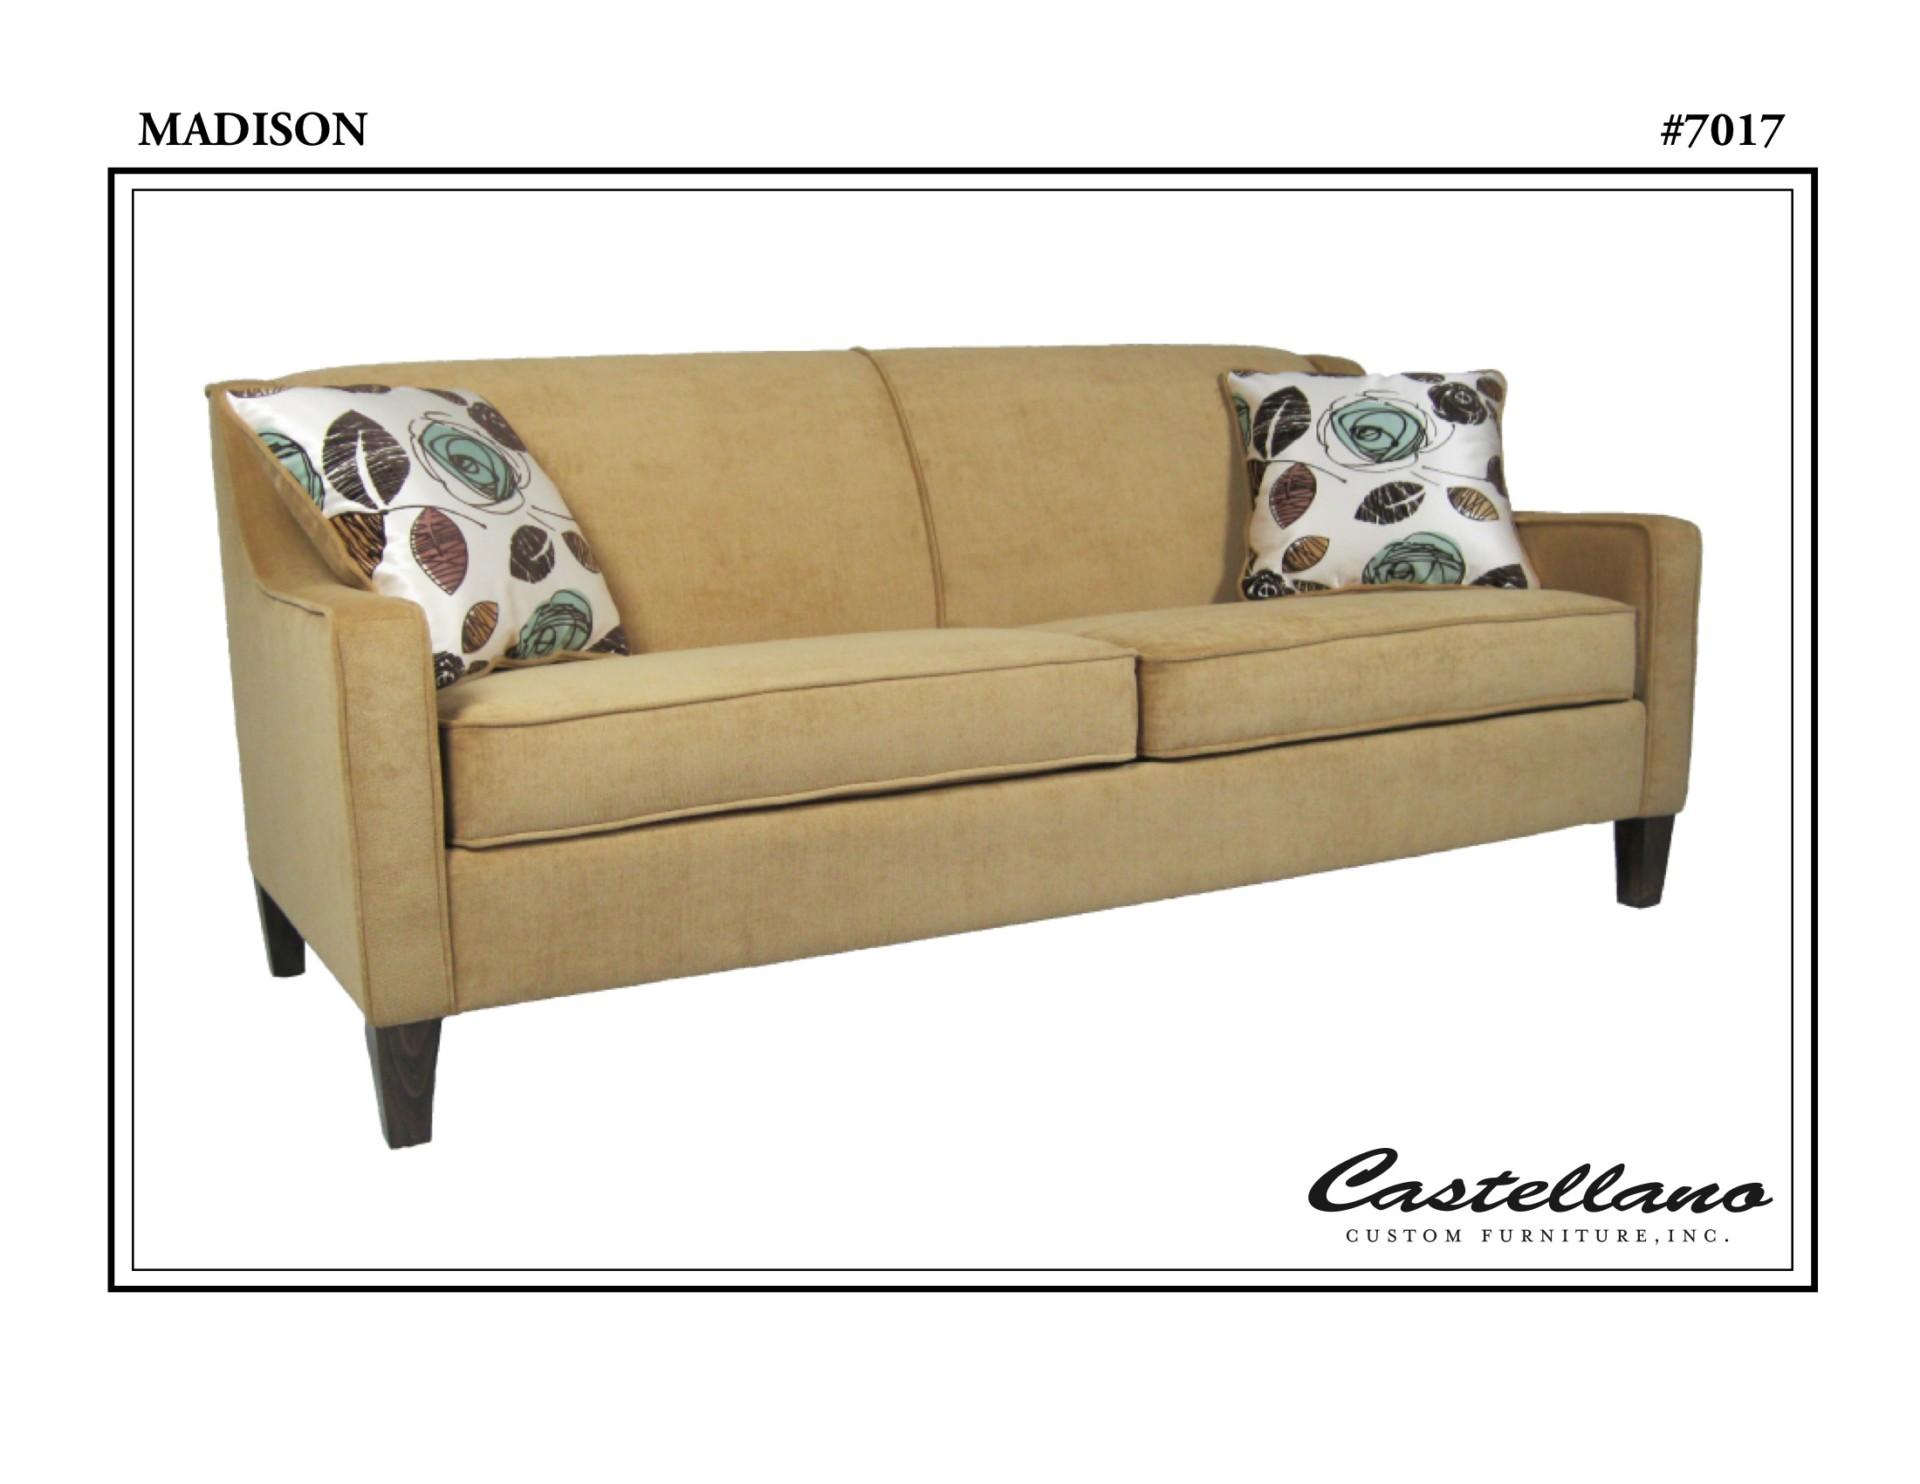 Brilliant 7017 Madison Cover Castellano Custom Furniture Spiritservingveterans Wood Chair Design Ideas Spiritservingveteransorg